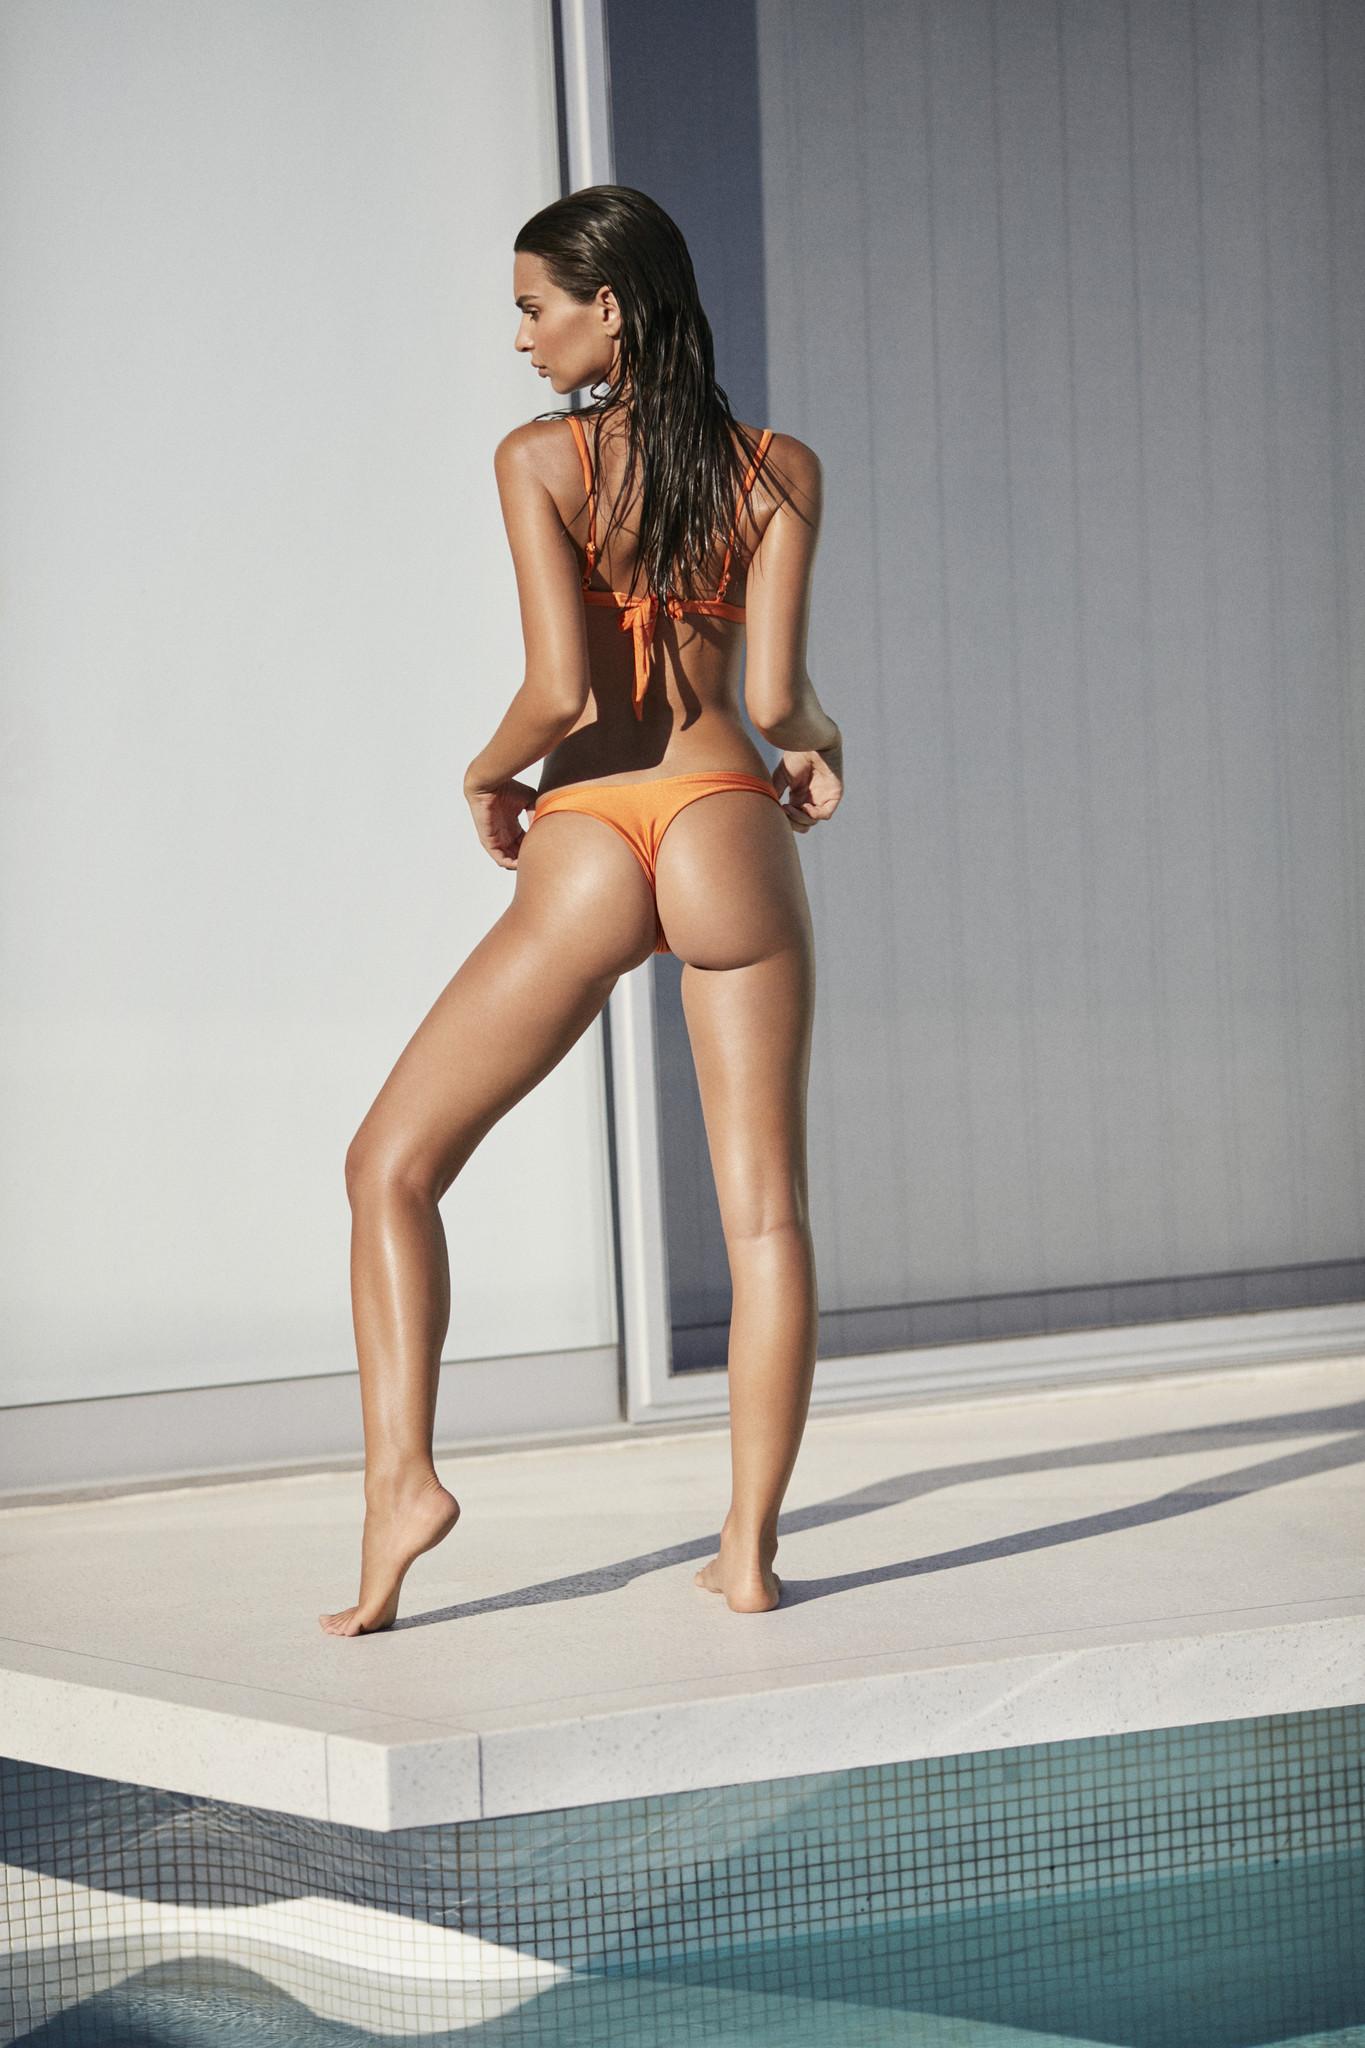 etsi seksitreffit hot girl sex